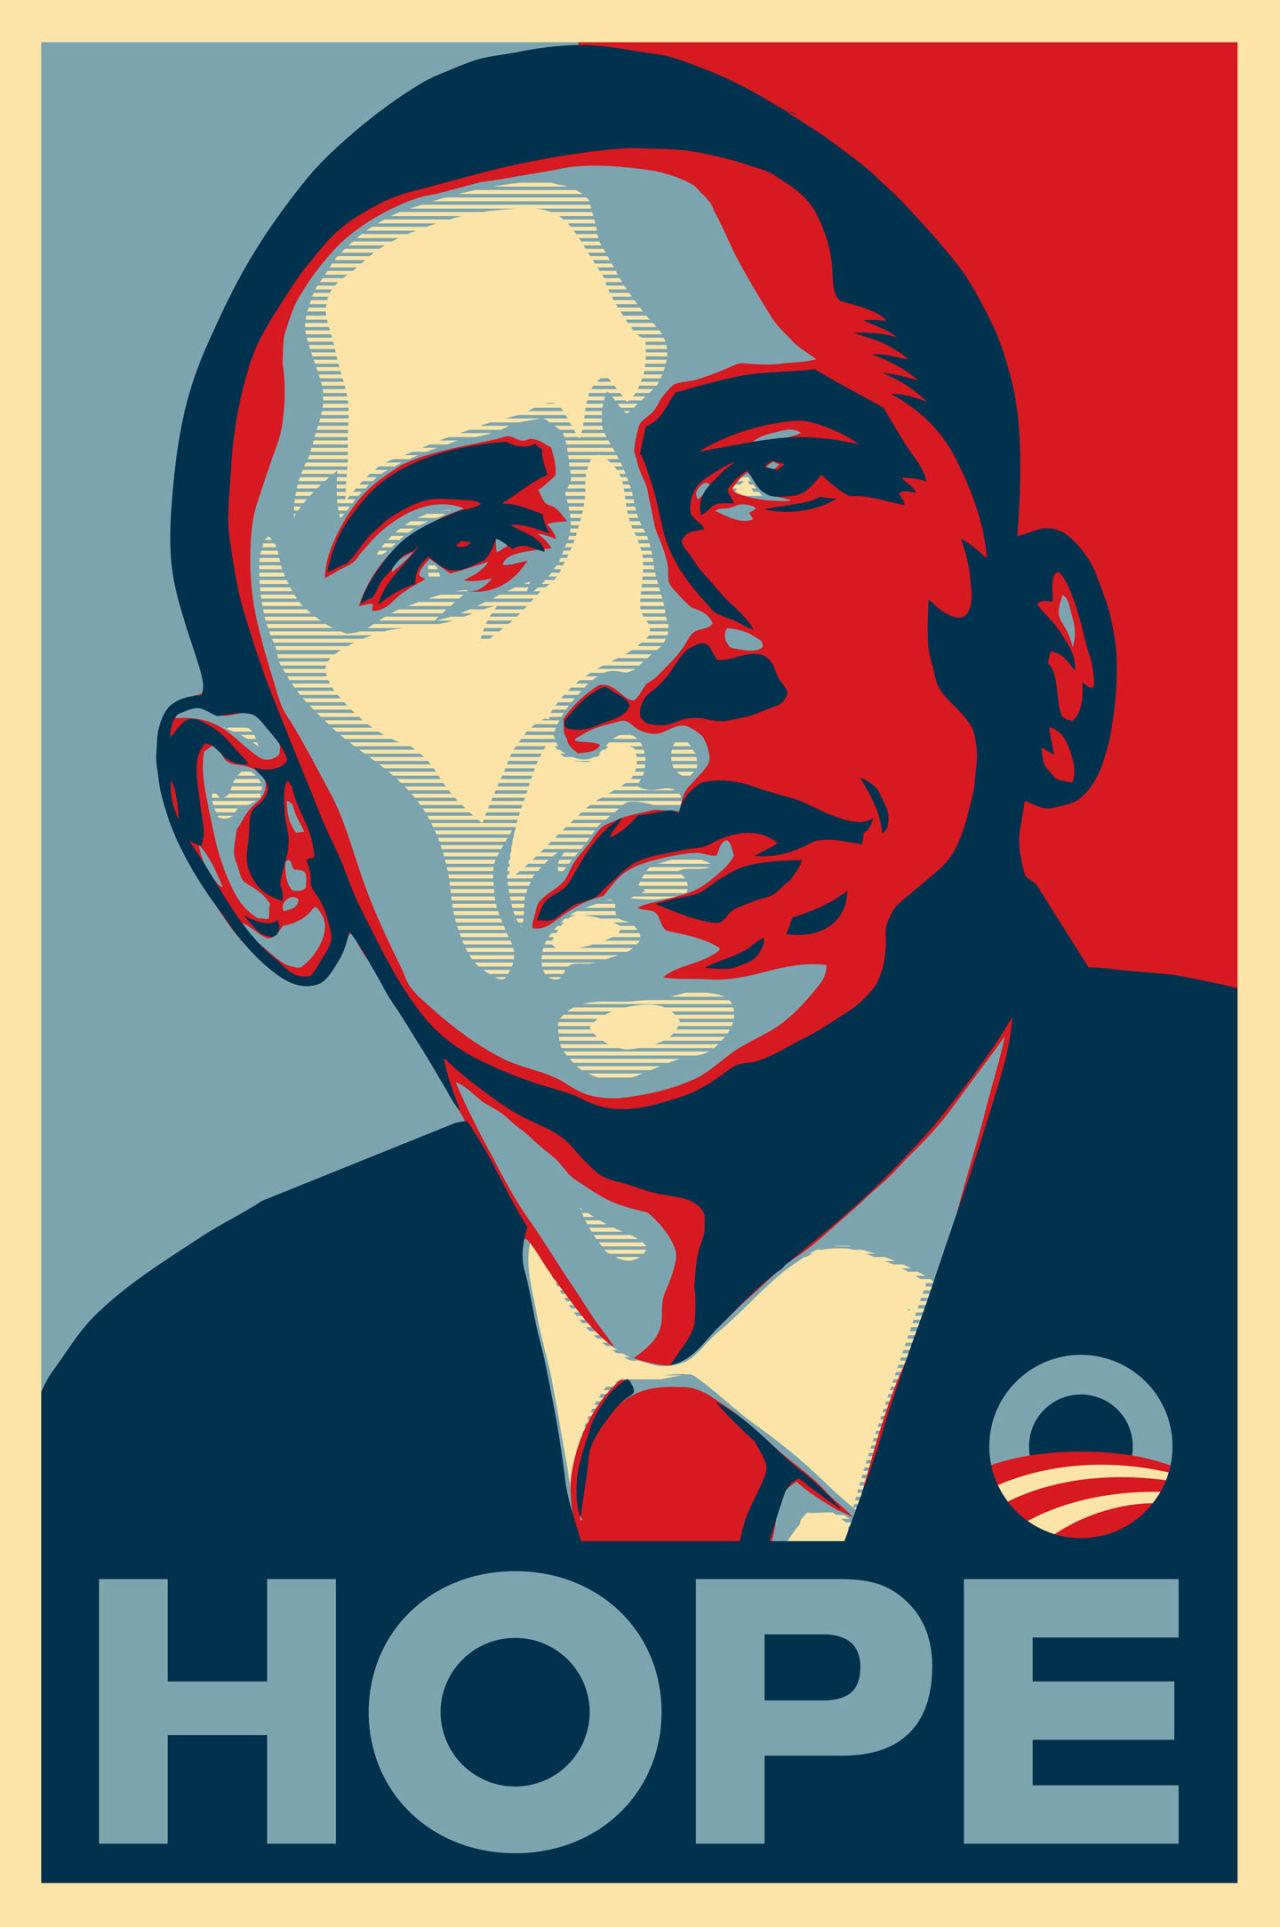 La tipografía Gotham fue utilizada en la campaña a la presidencia de los EEUU de Obama en el año 2008